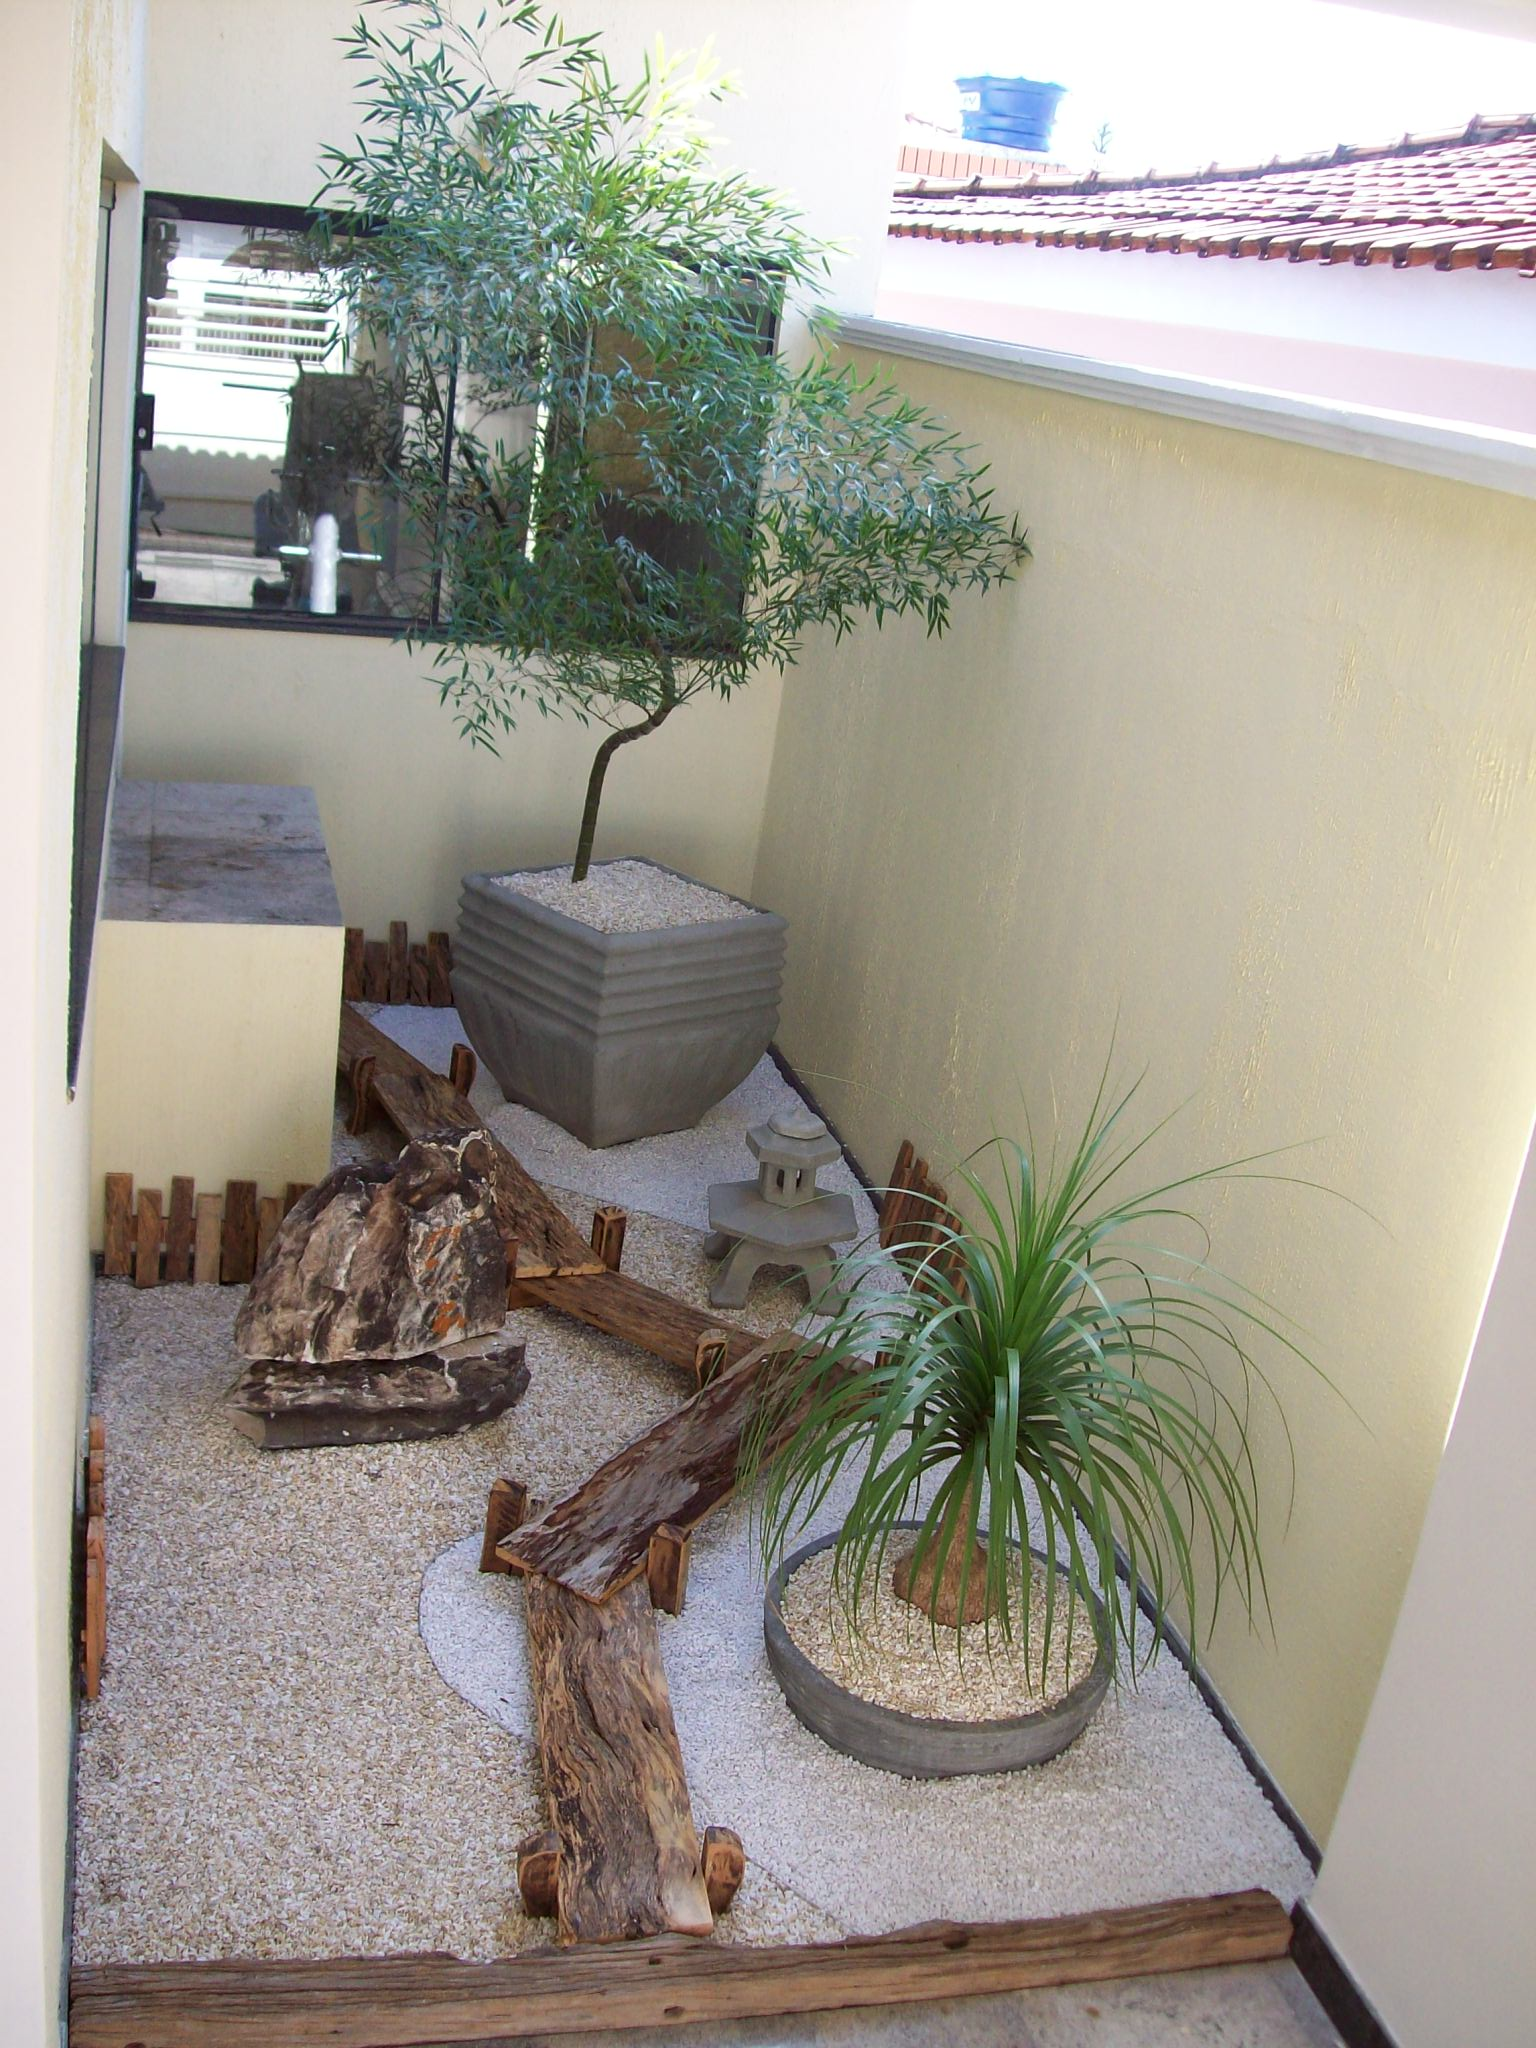 pedras jardins pequenos : pedras jardins pequenos: – Comunidade da Moda : Decoração de Jardins para Pequenos Espaços